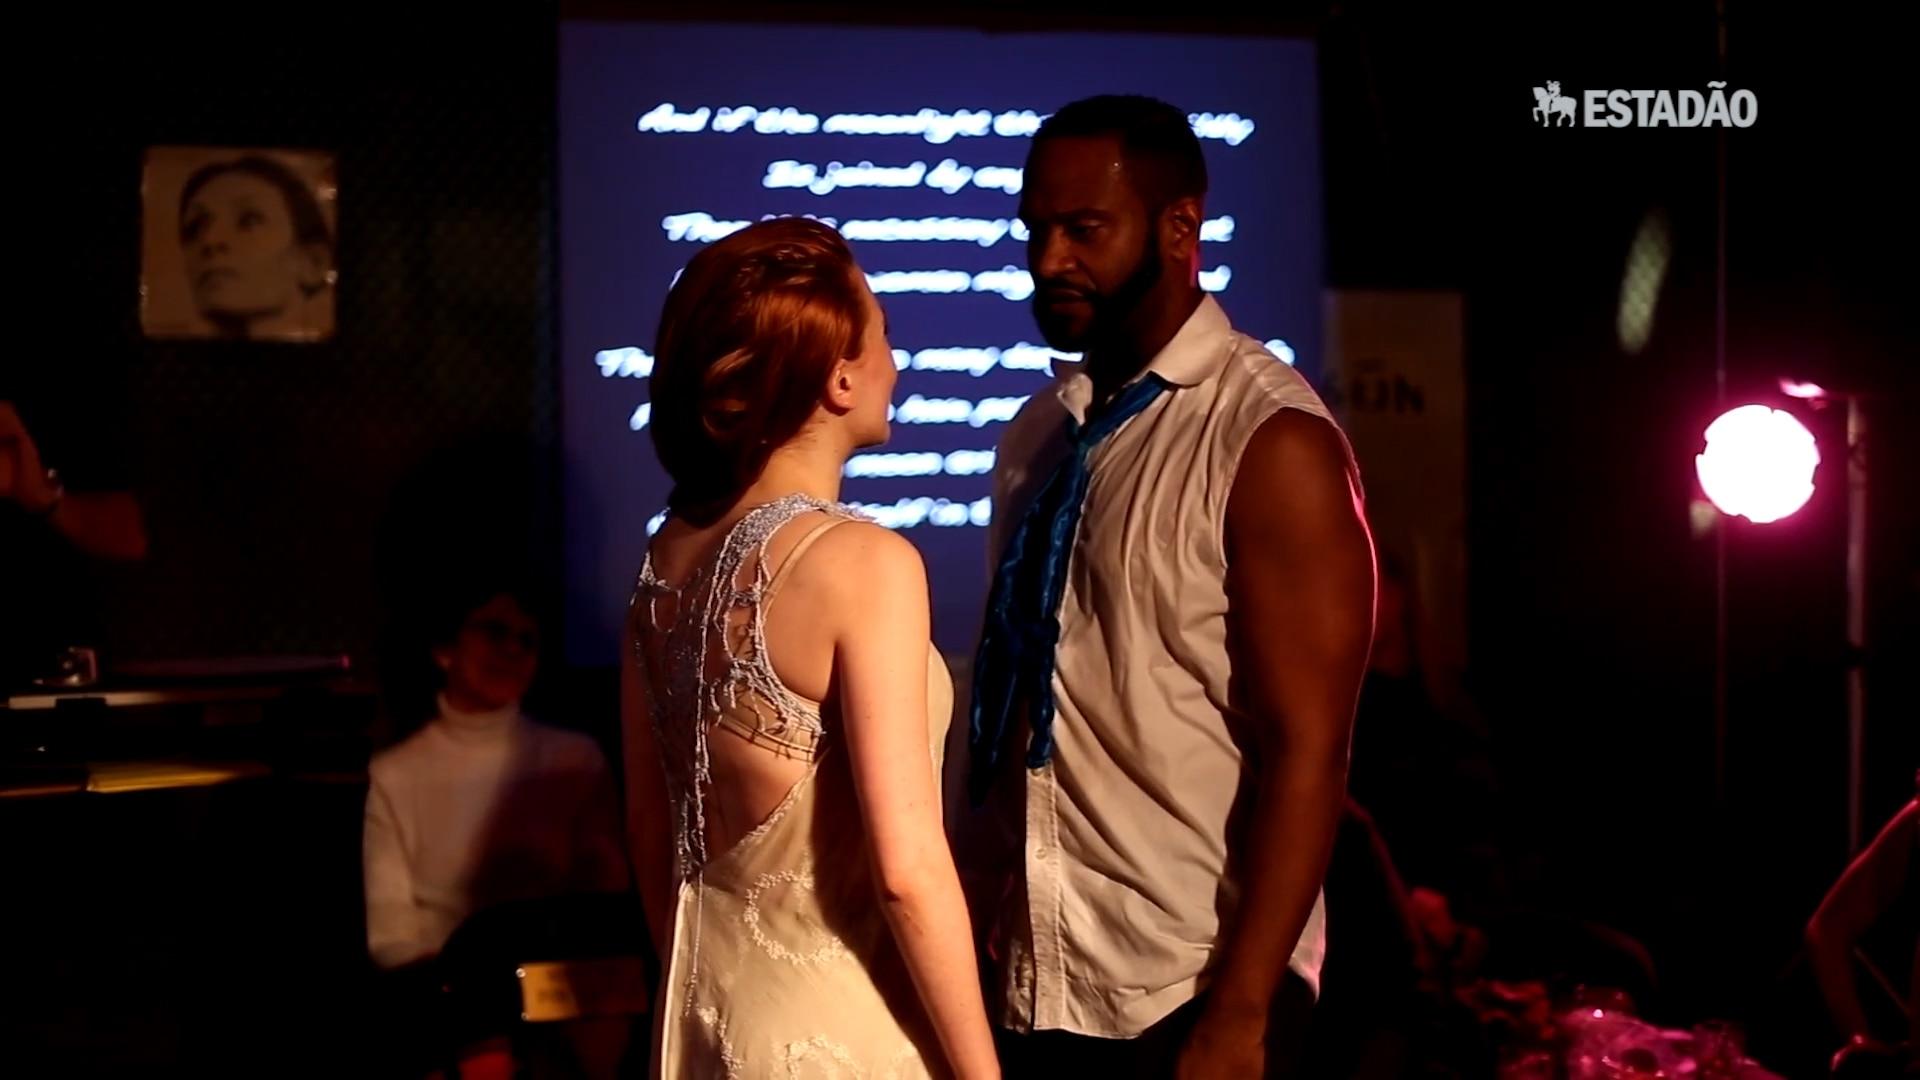 Companhia de teatro apresenta peças em português em Nova York